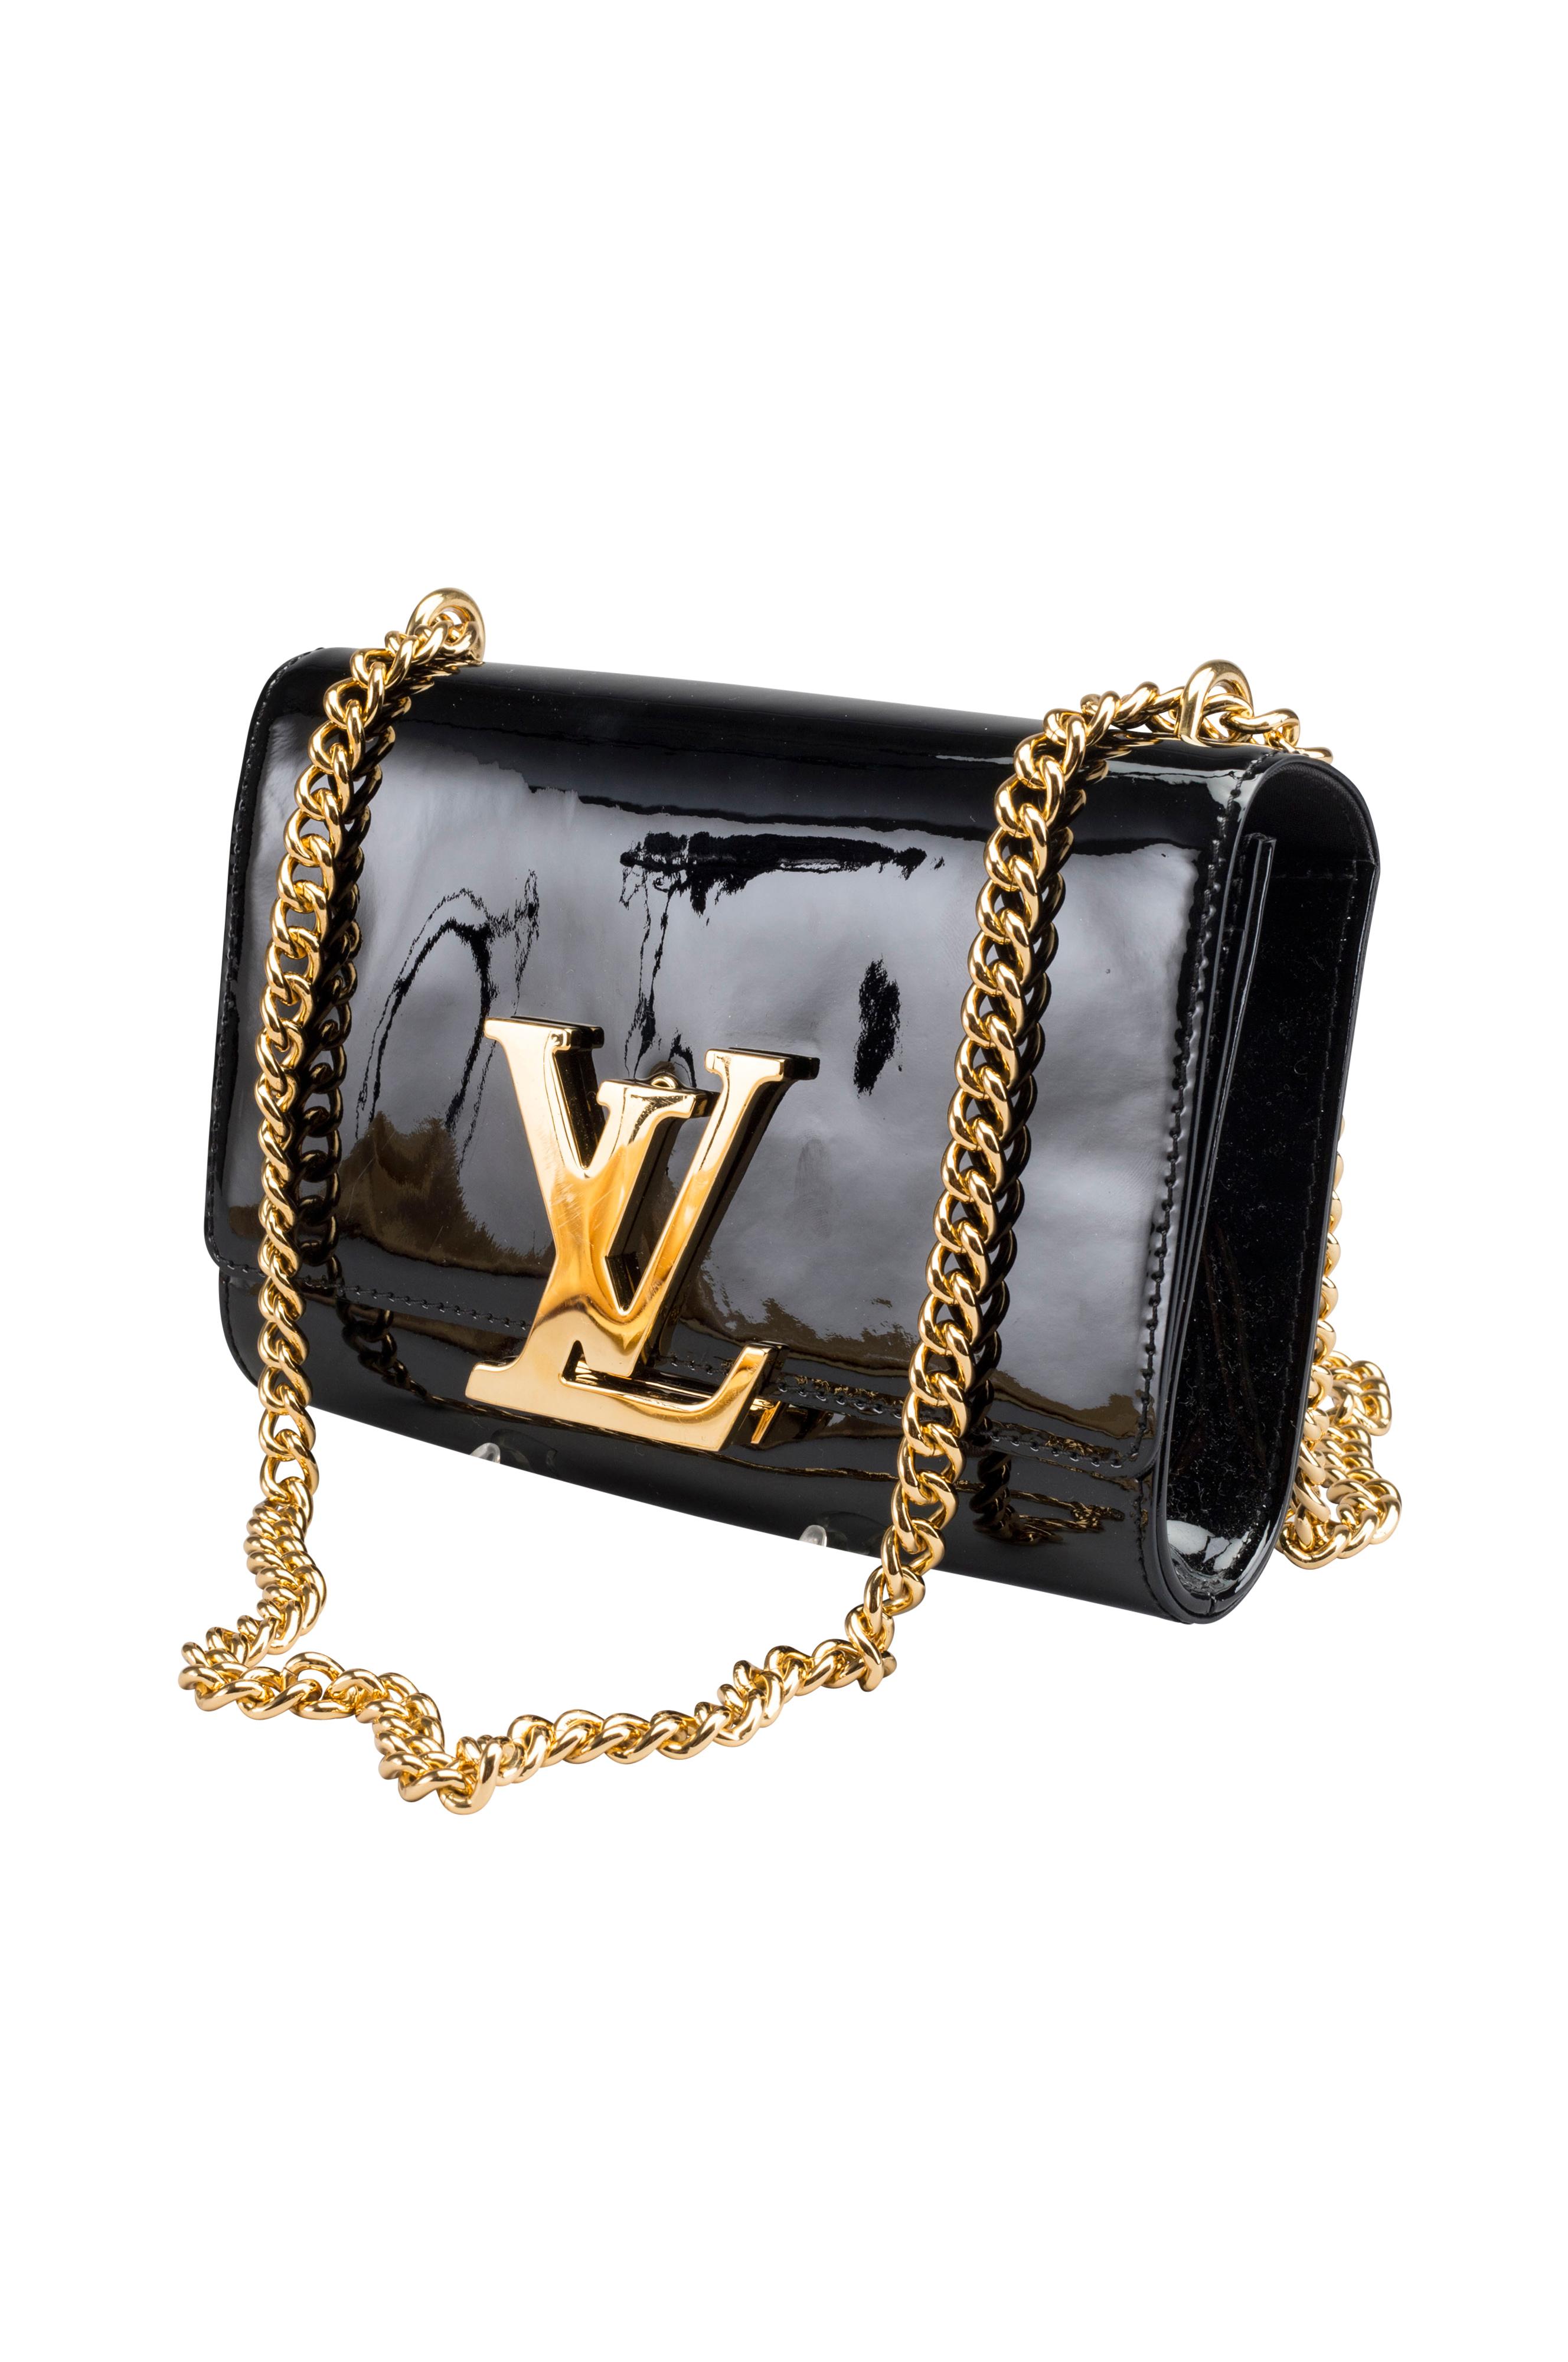 parhaat tarjoukset 100% korkealaatuista saada uutta Ellos Collection Louis Vuitton